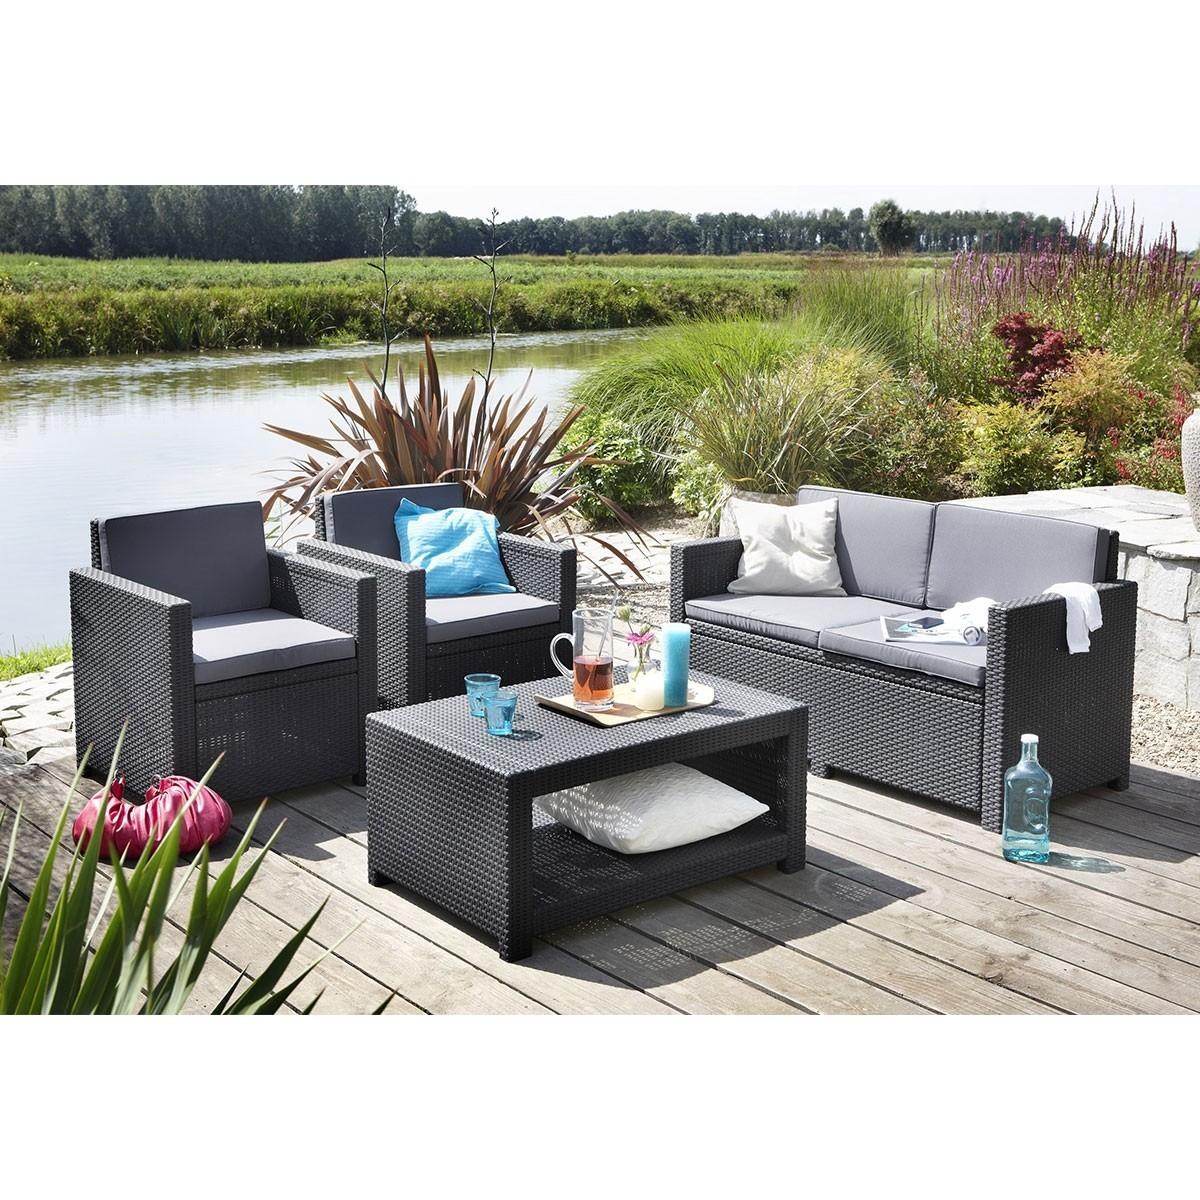 Allibert Monaco Loungeset 4 Delig Grijs In 2020 Outdoor Furniture Sets Garden Furniture Sets Outdoor Living